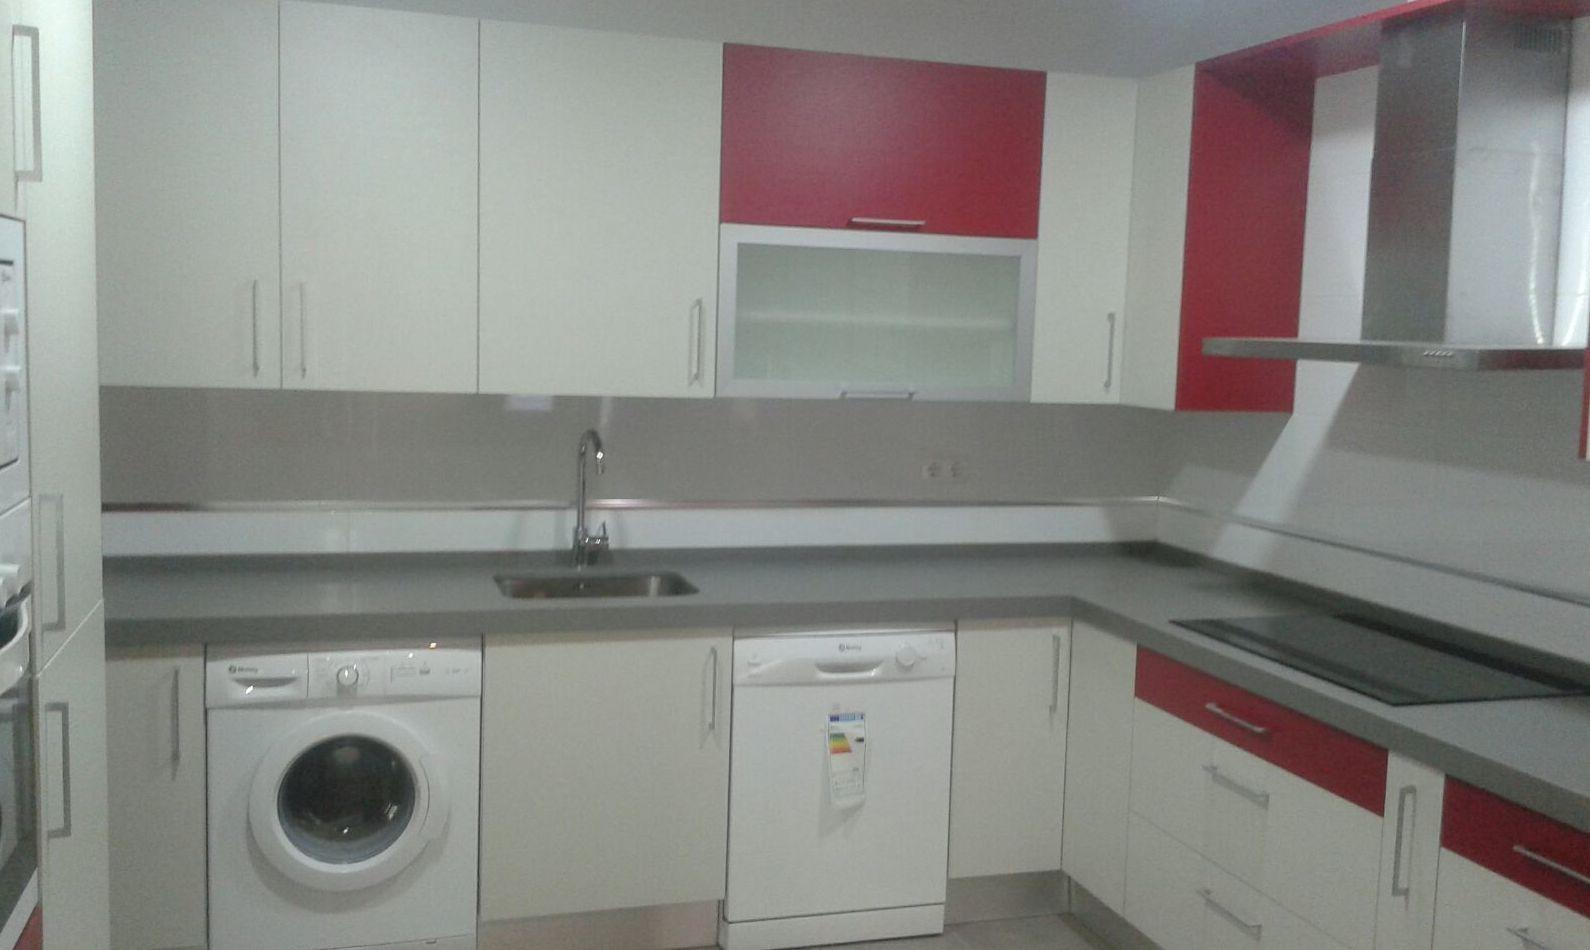 cocina a medida de color blanco y rojo